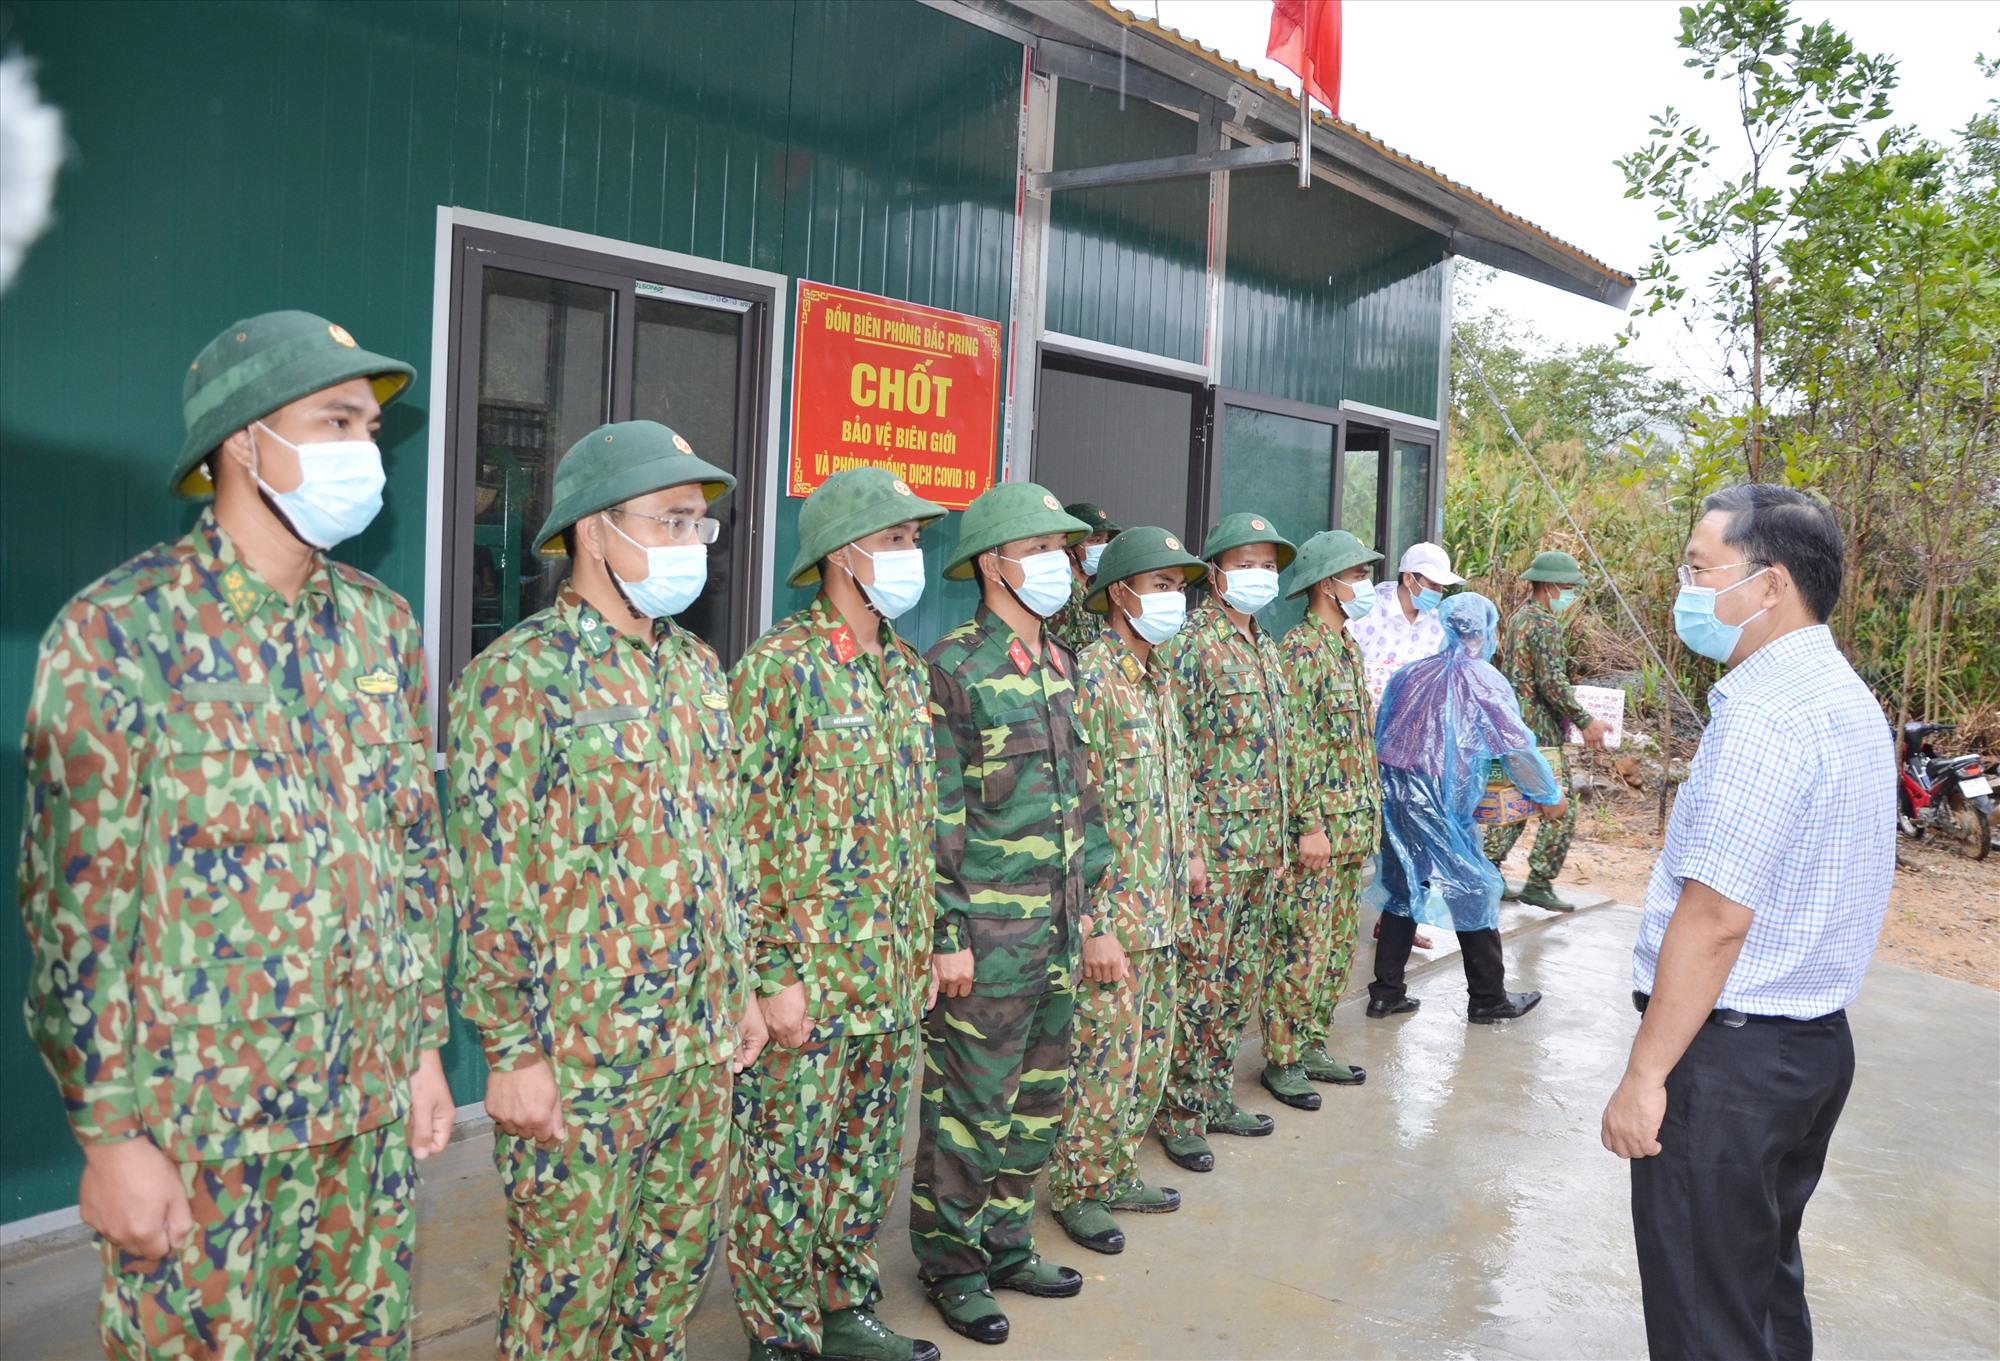 Chủ tịch UBND tỉnh Lê Trí Thanh kiểm tra thực tế tại chốt 727. Ảnh: H.P